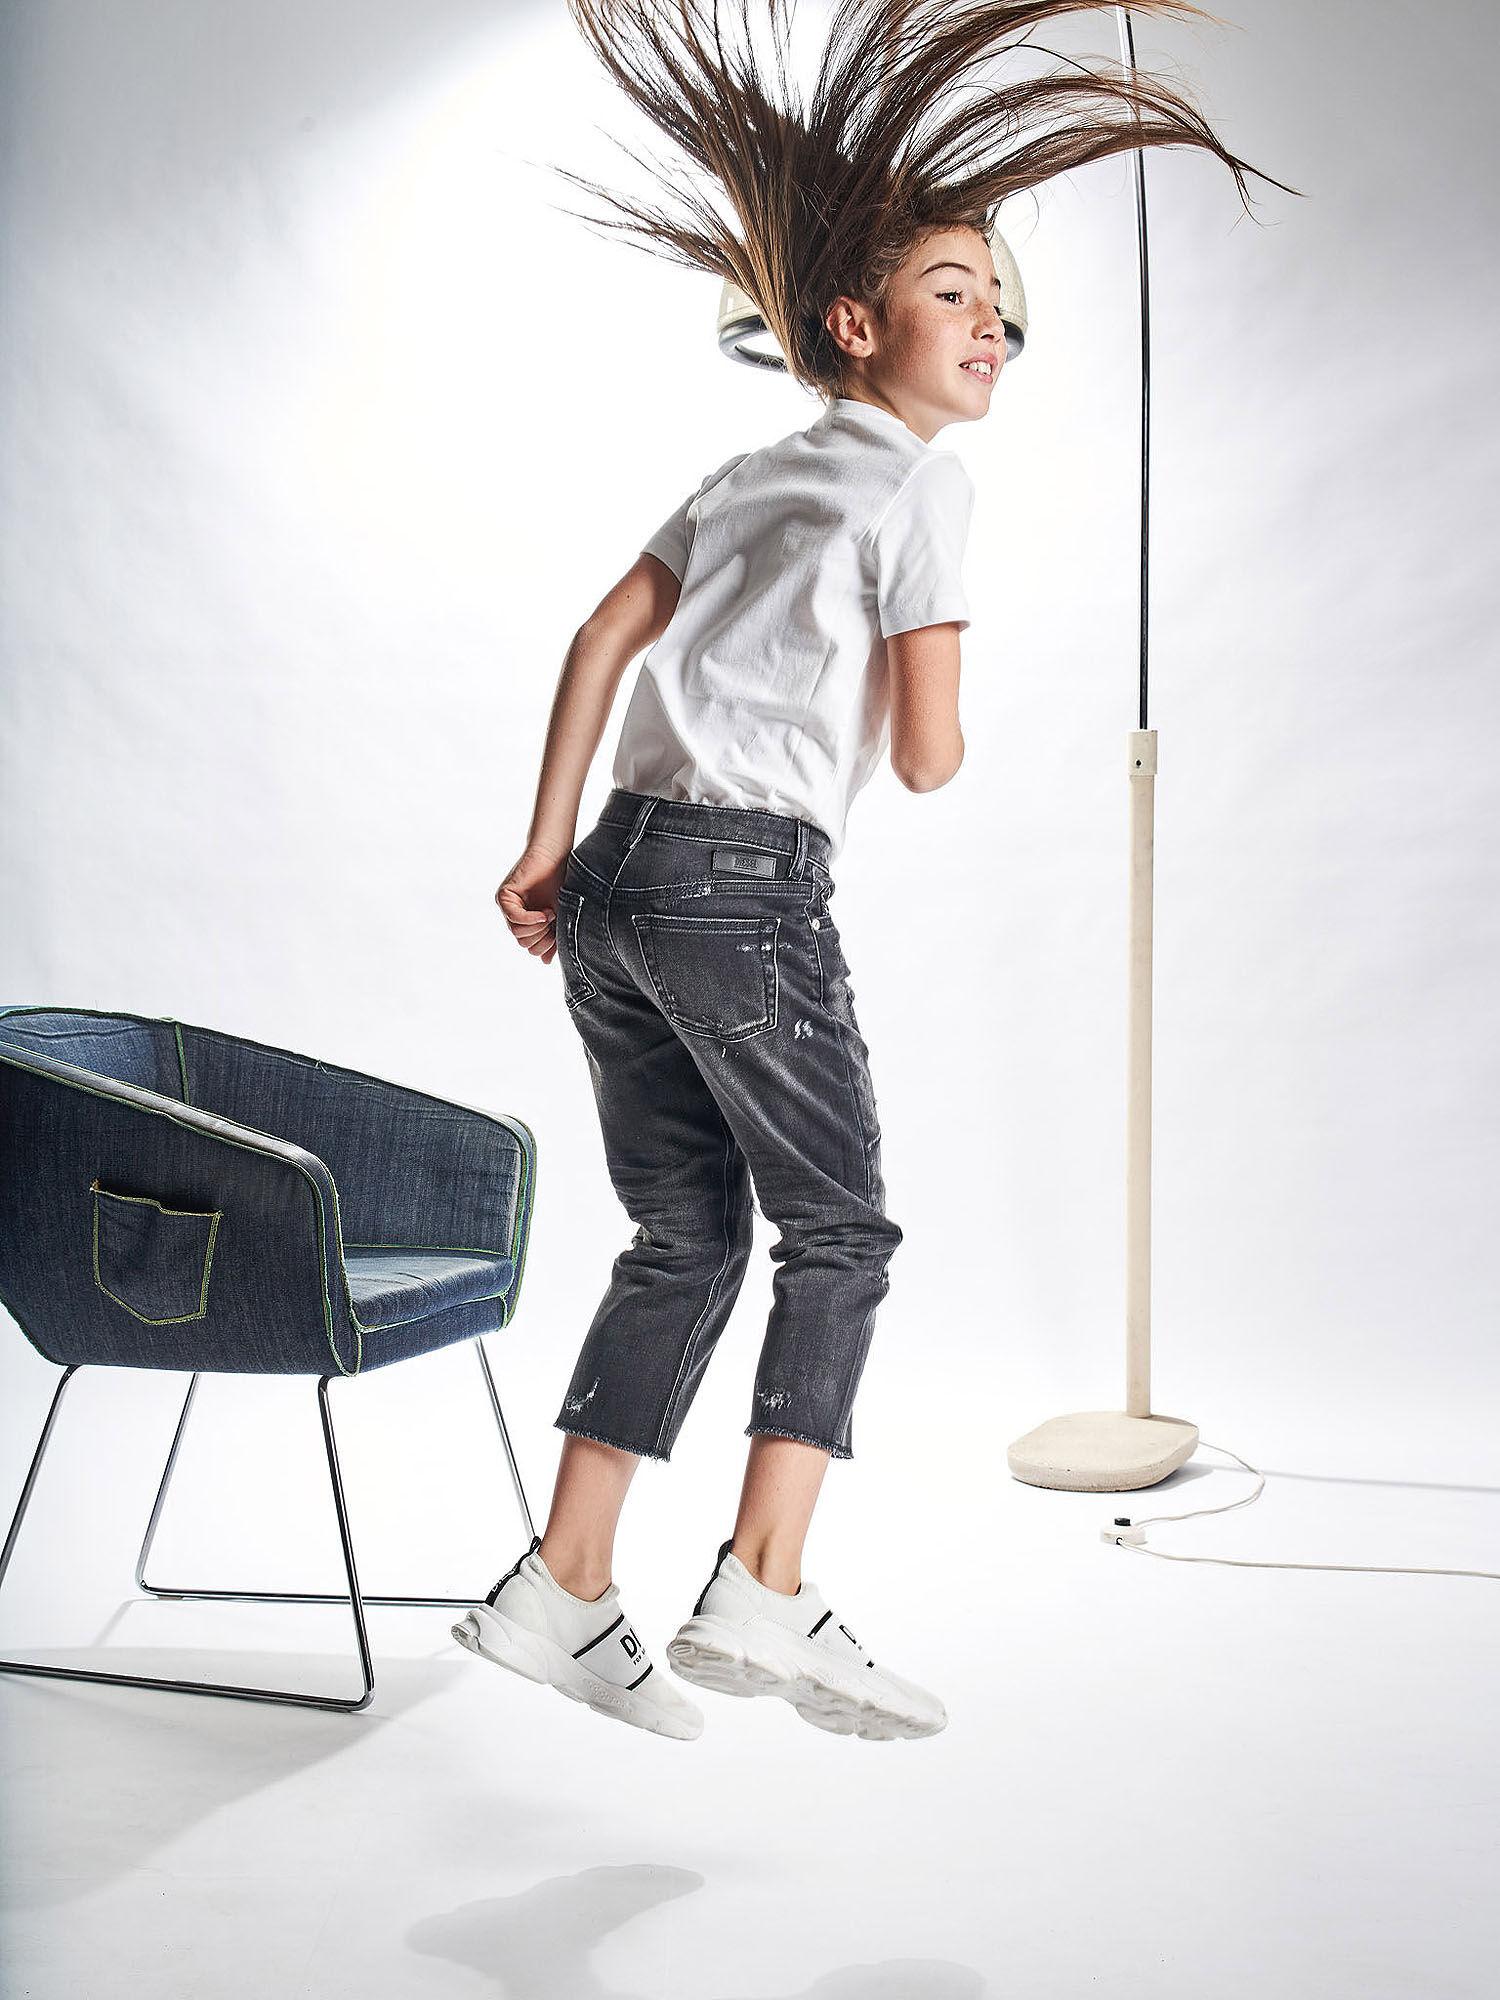 Aryel-J Jjj Pantaloni - Diesel Kid